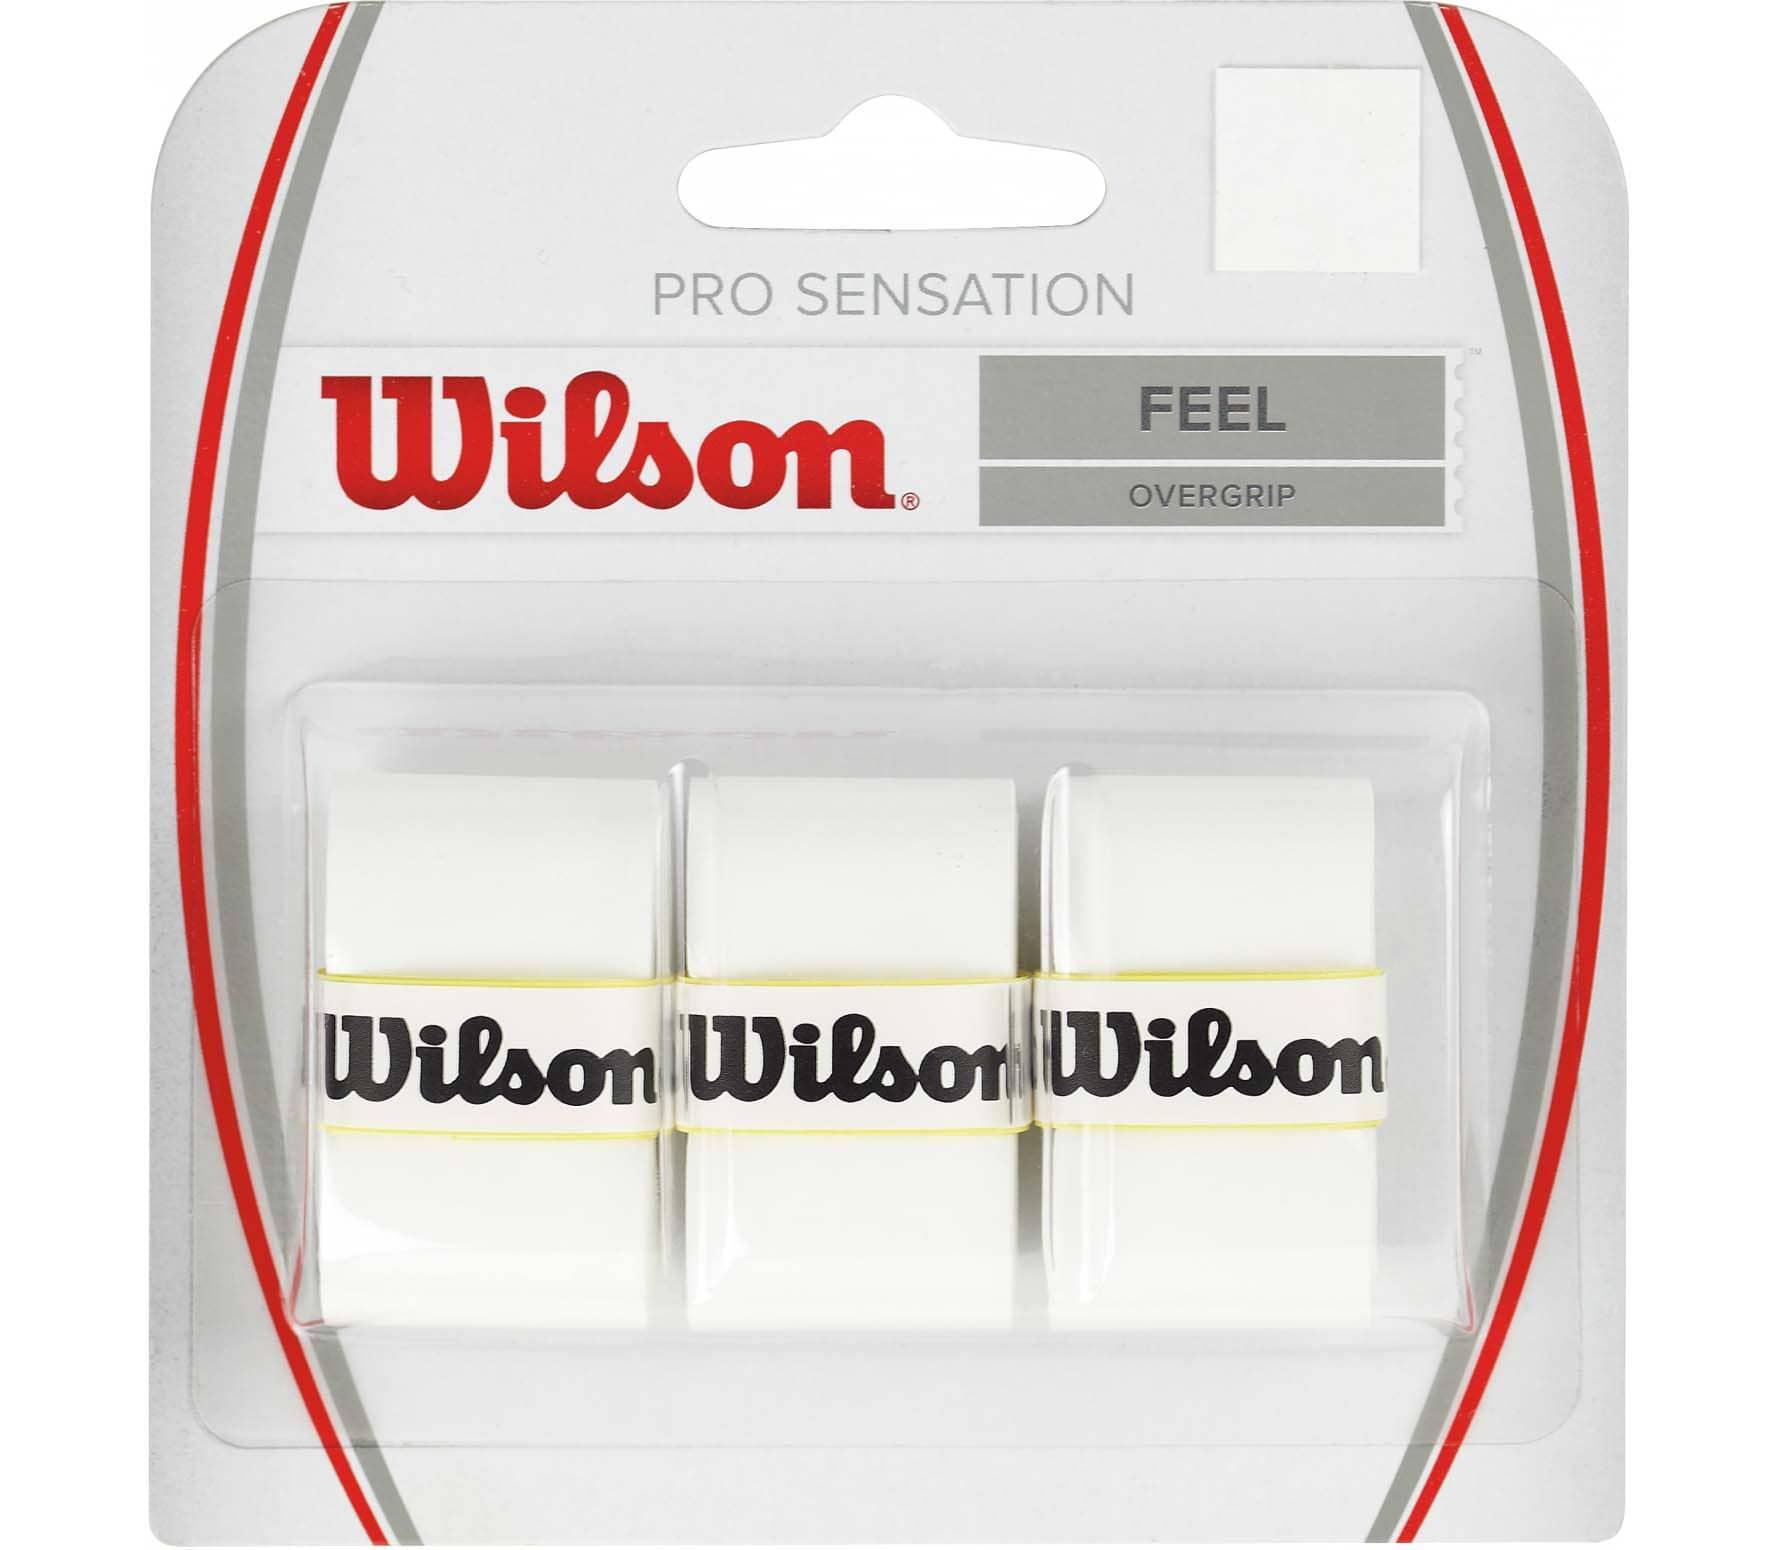 Wilson Pro Overgrip Sensation Griffband weiß